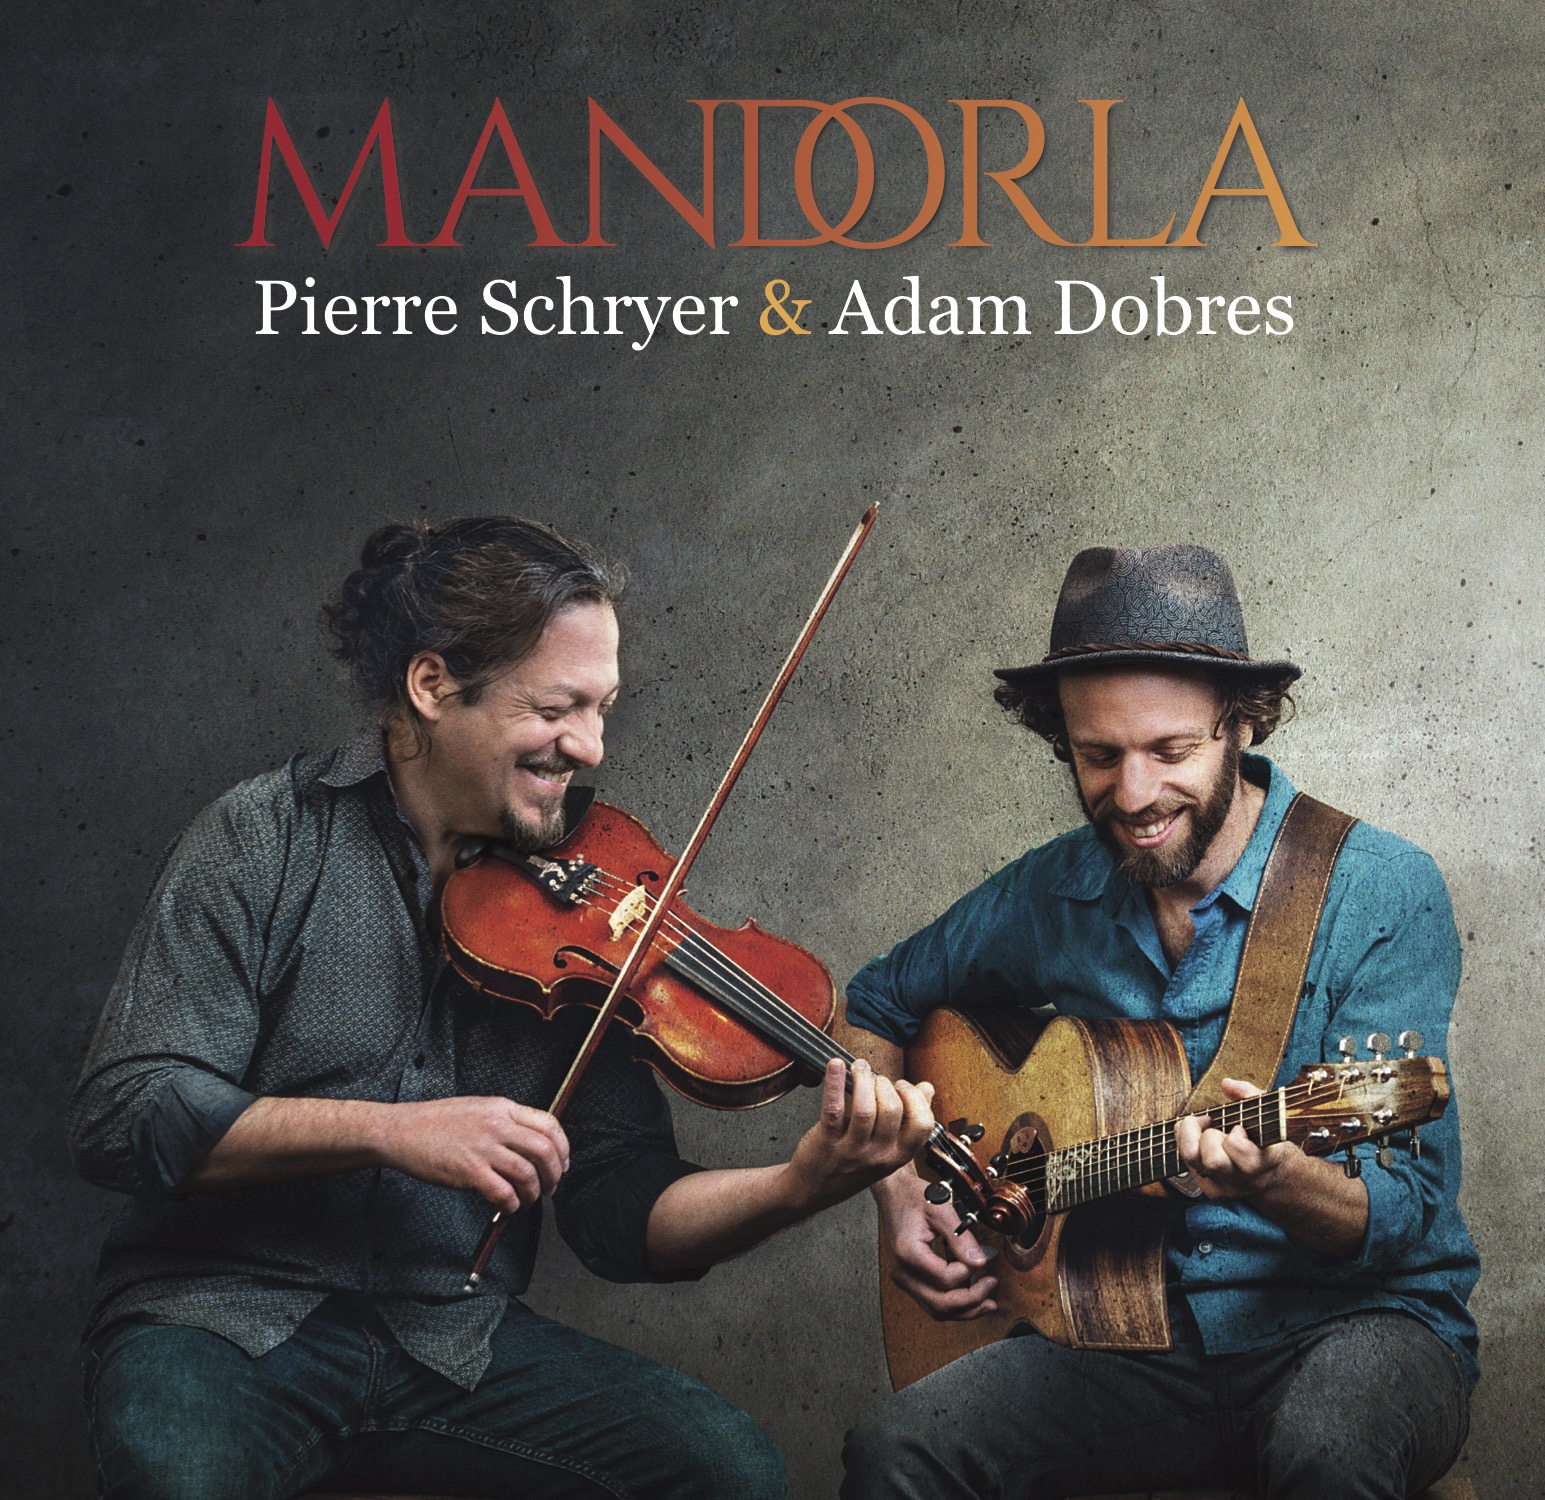 Mandorla - Pierre Schryer & Adam Dobres